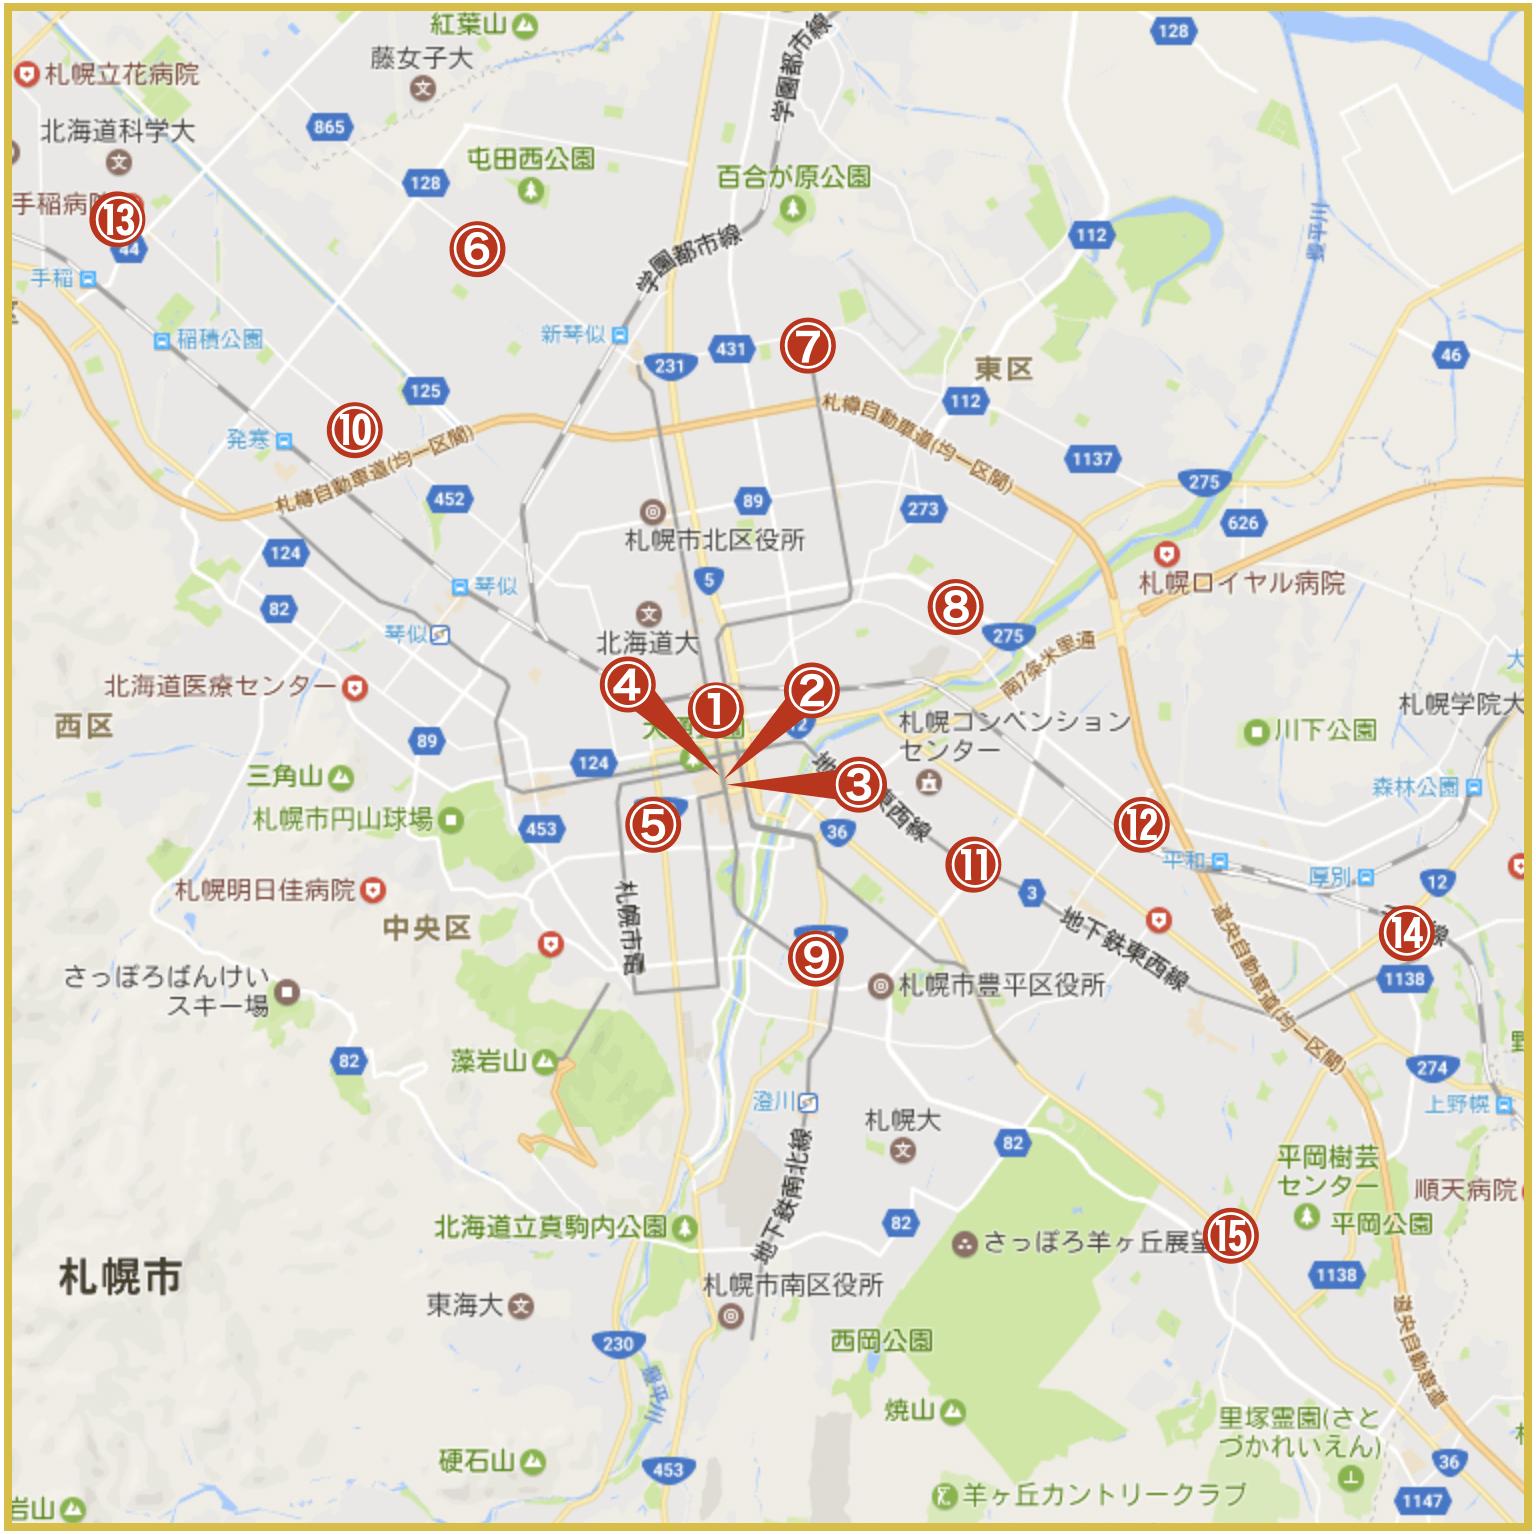 札幌市にあるプロミス店舗・ATMの位置(2020年版)